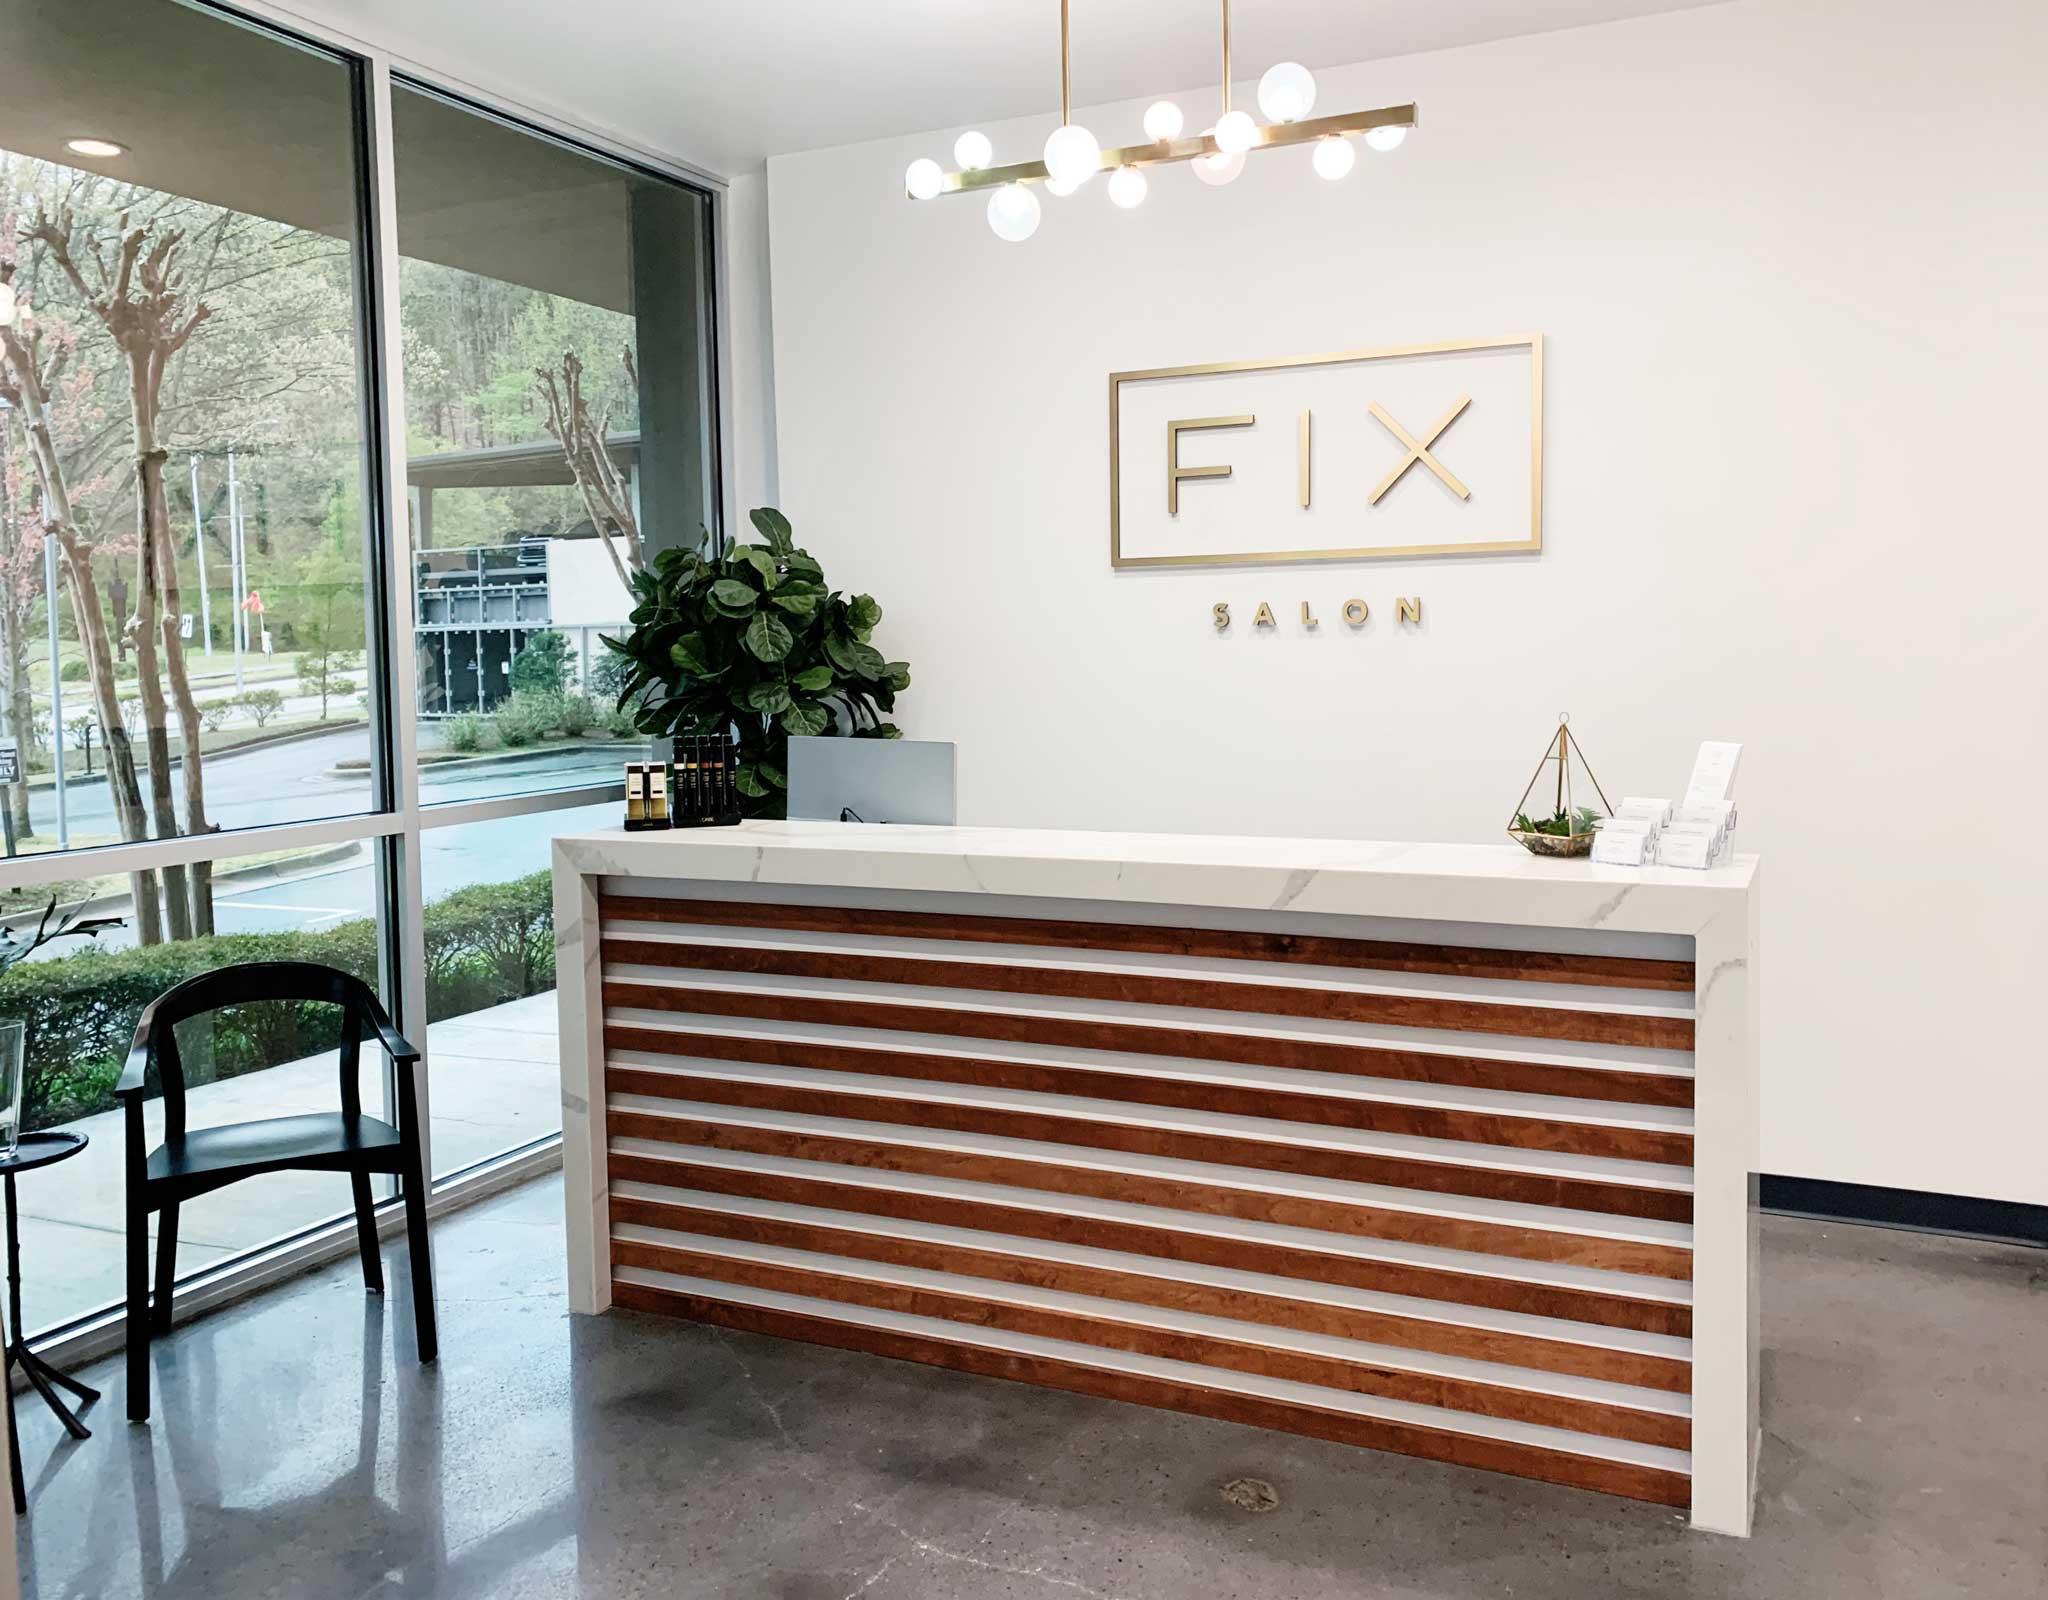 Salon-Fix-6.jpg